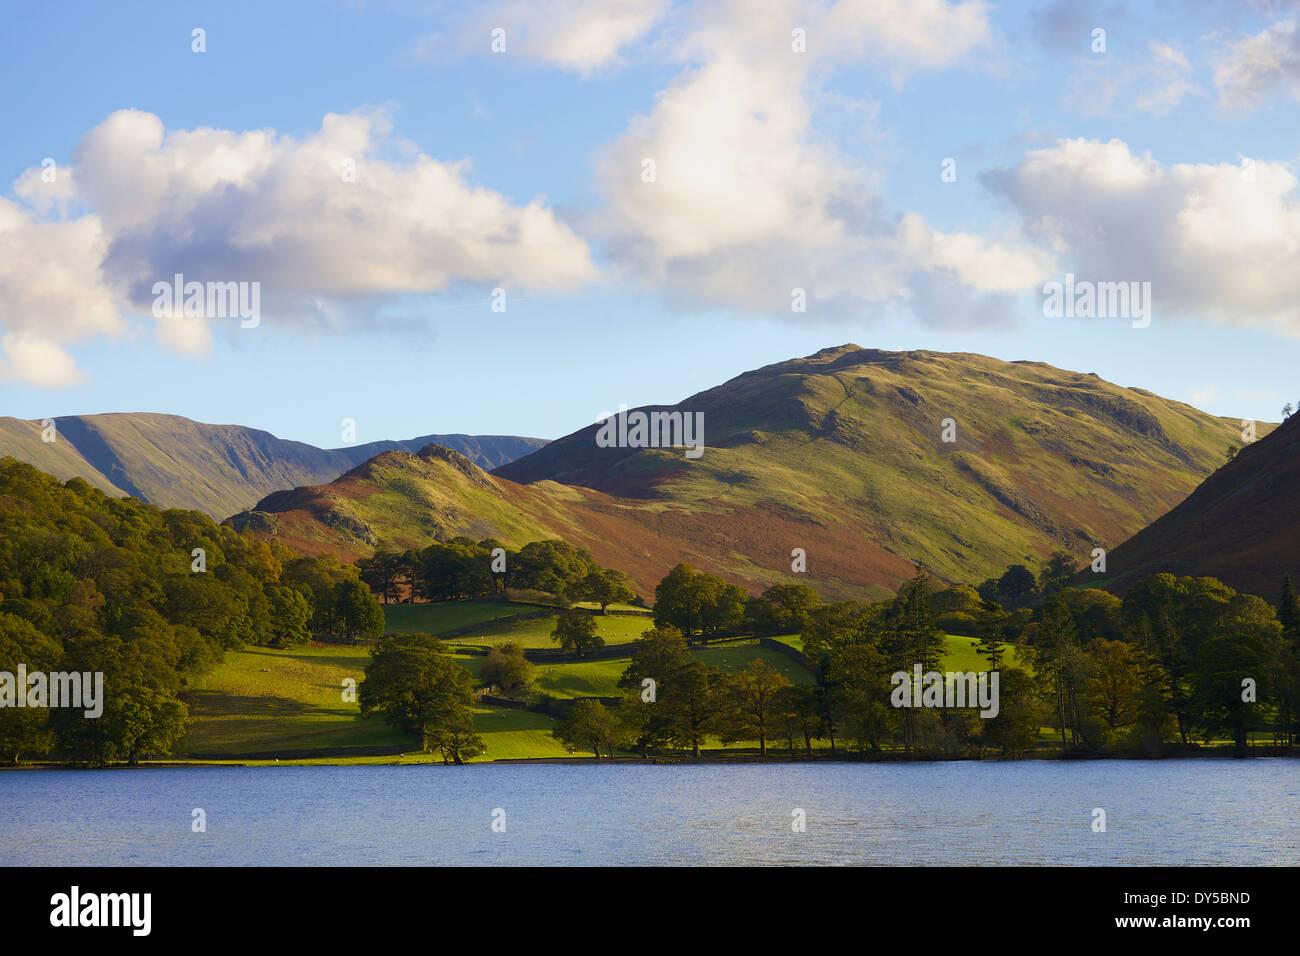 La scène du lac avec champs, arbres et collines. Beda, tête Sandwick Bay, Lake District, en Angleterre. Photo Stock